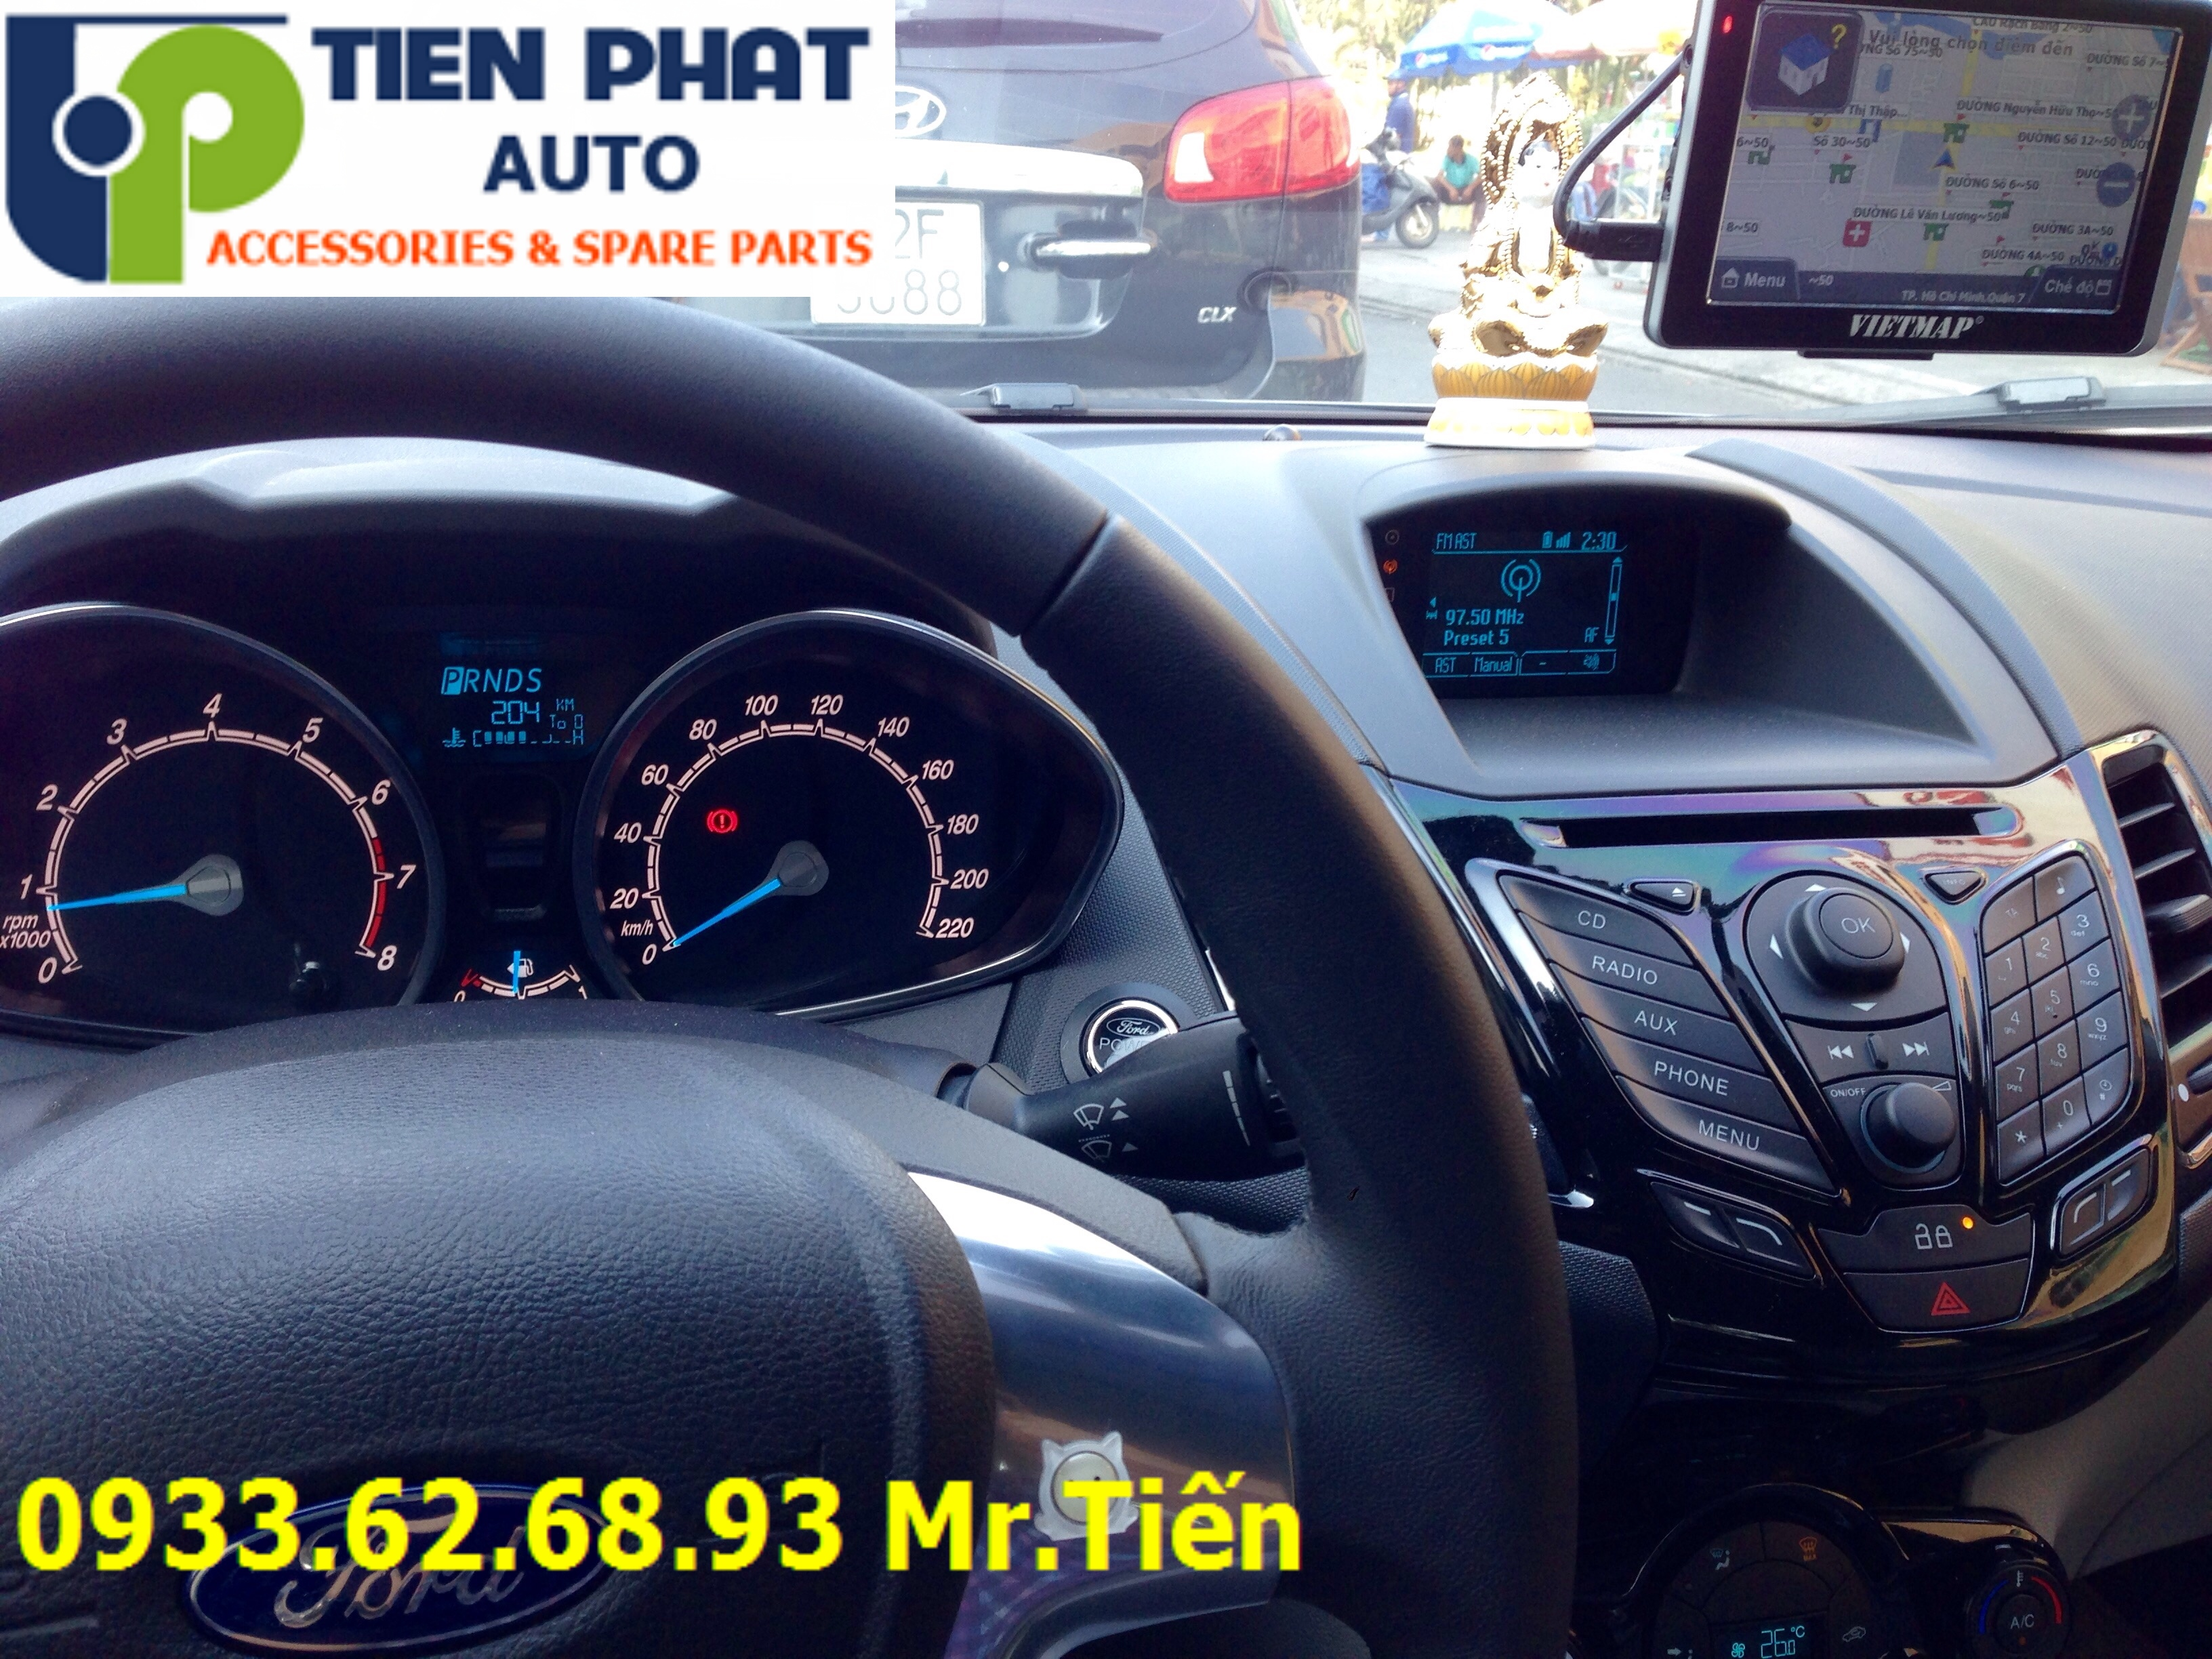 Lắp Thiết Bị Dẫn Đường (GPS) VietMap S1 Cho Xe Ô Tô Tại Nhà Bè Uy Tín Nhanh